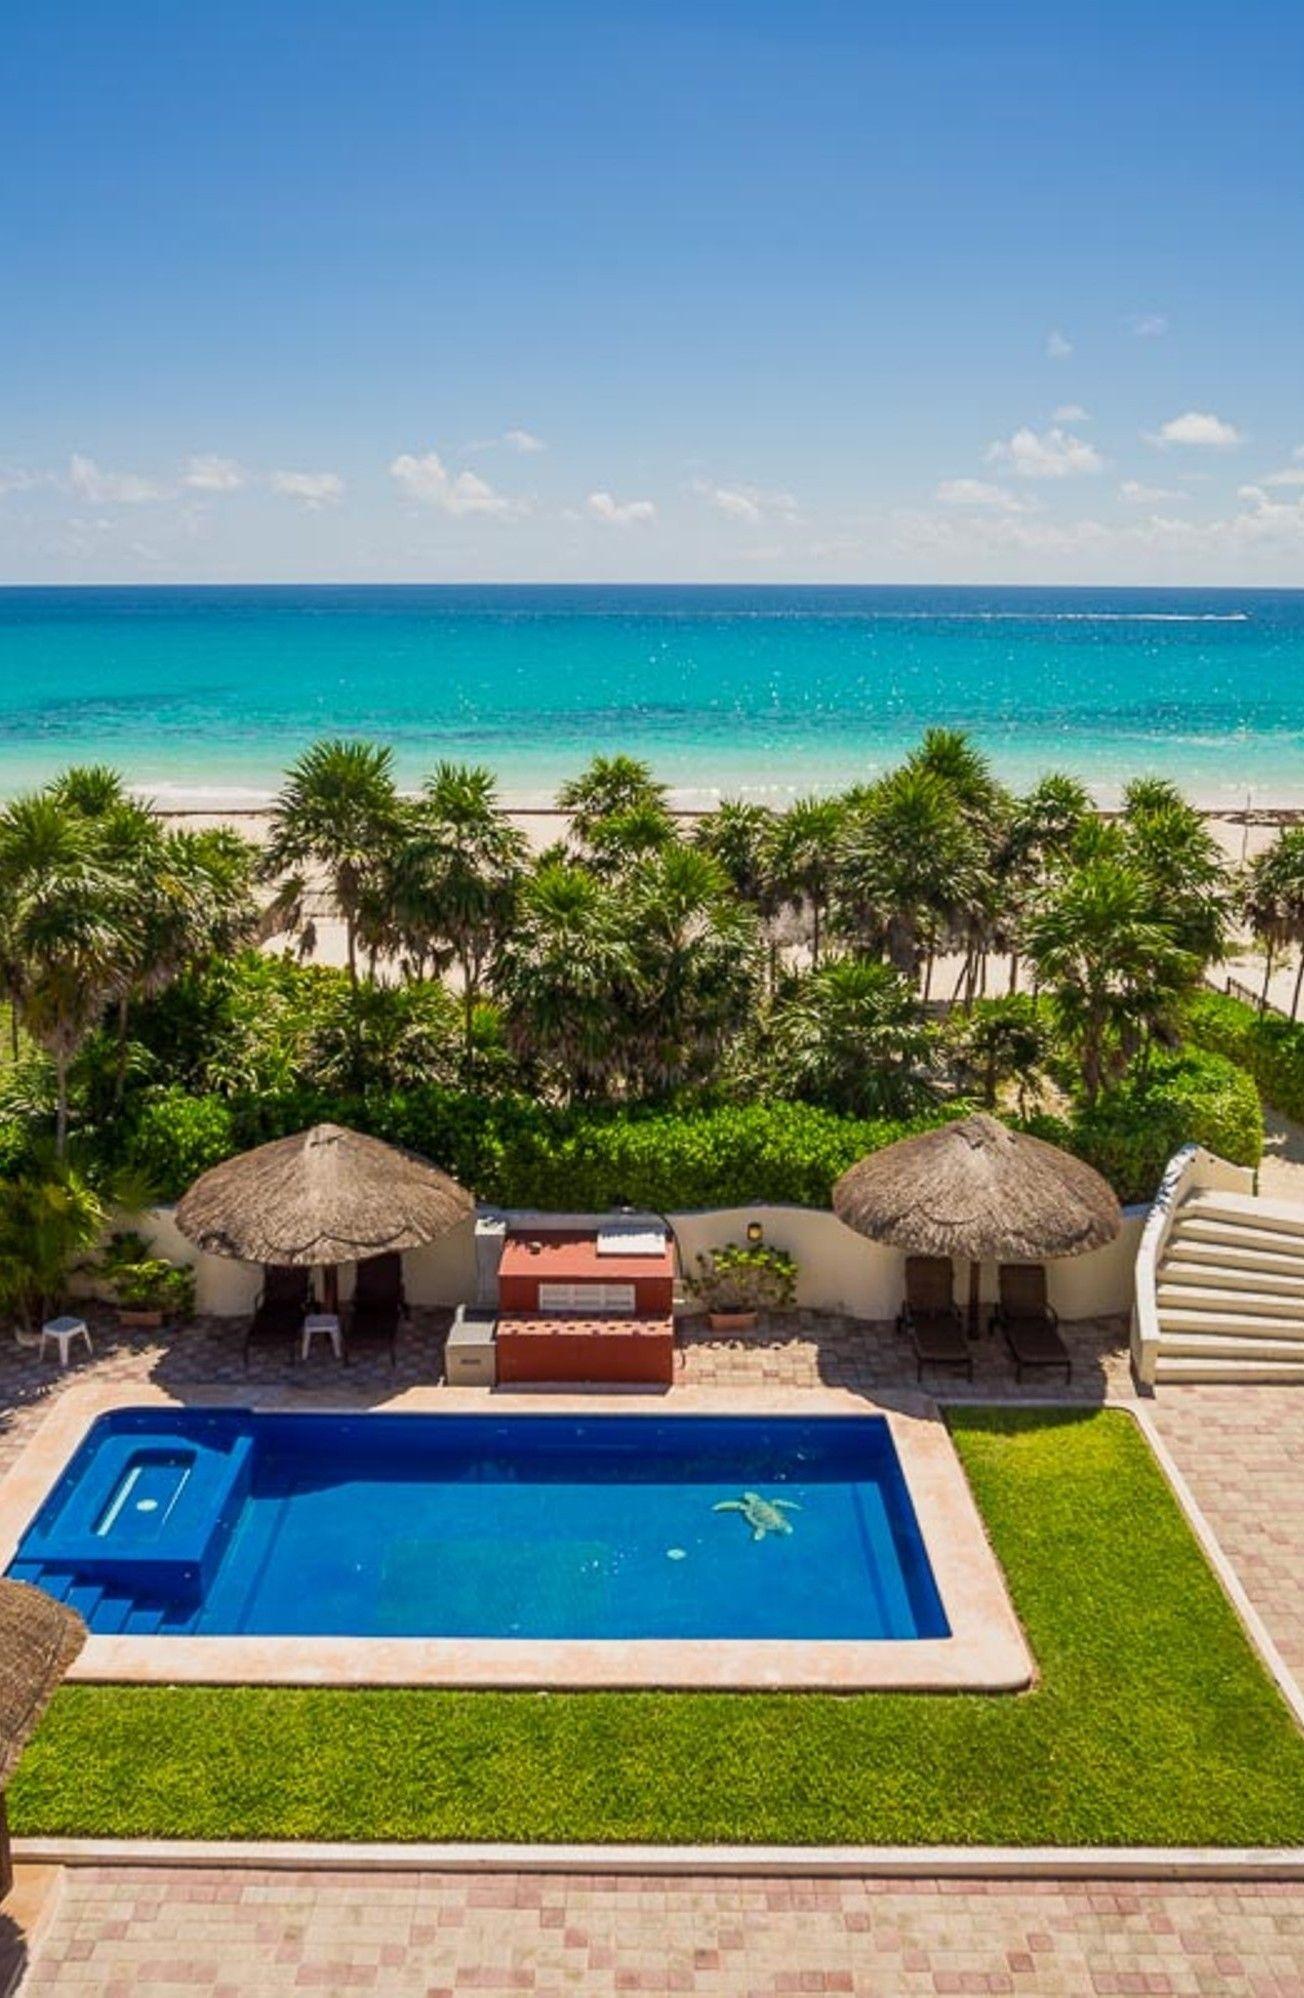 Sol Y Luna Mexico Private Pool Jacuzzi Sea View 20 Persons Villa Sol Y Luna Is An Oceanfront Villa With A Priv Luxury Rentals Luxury Villa Cancun Villas